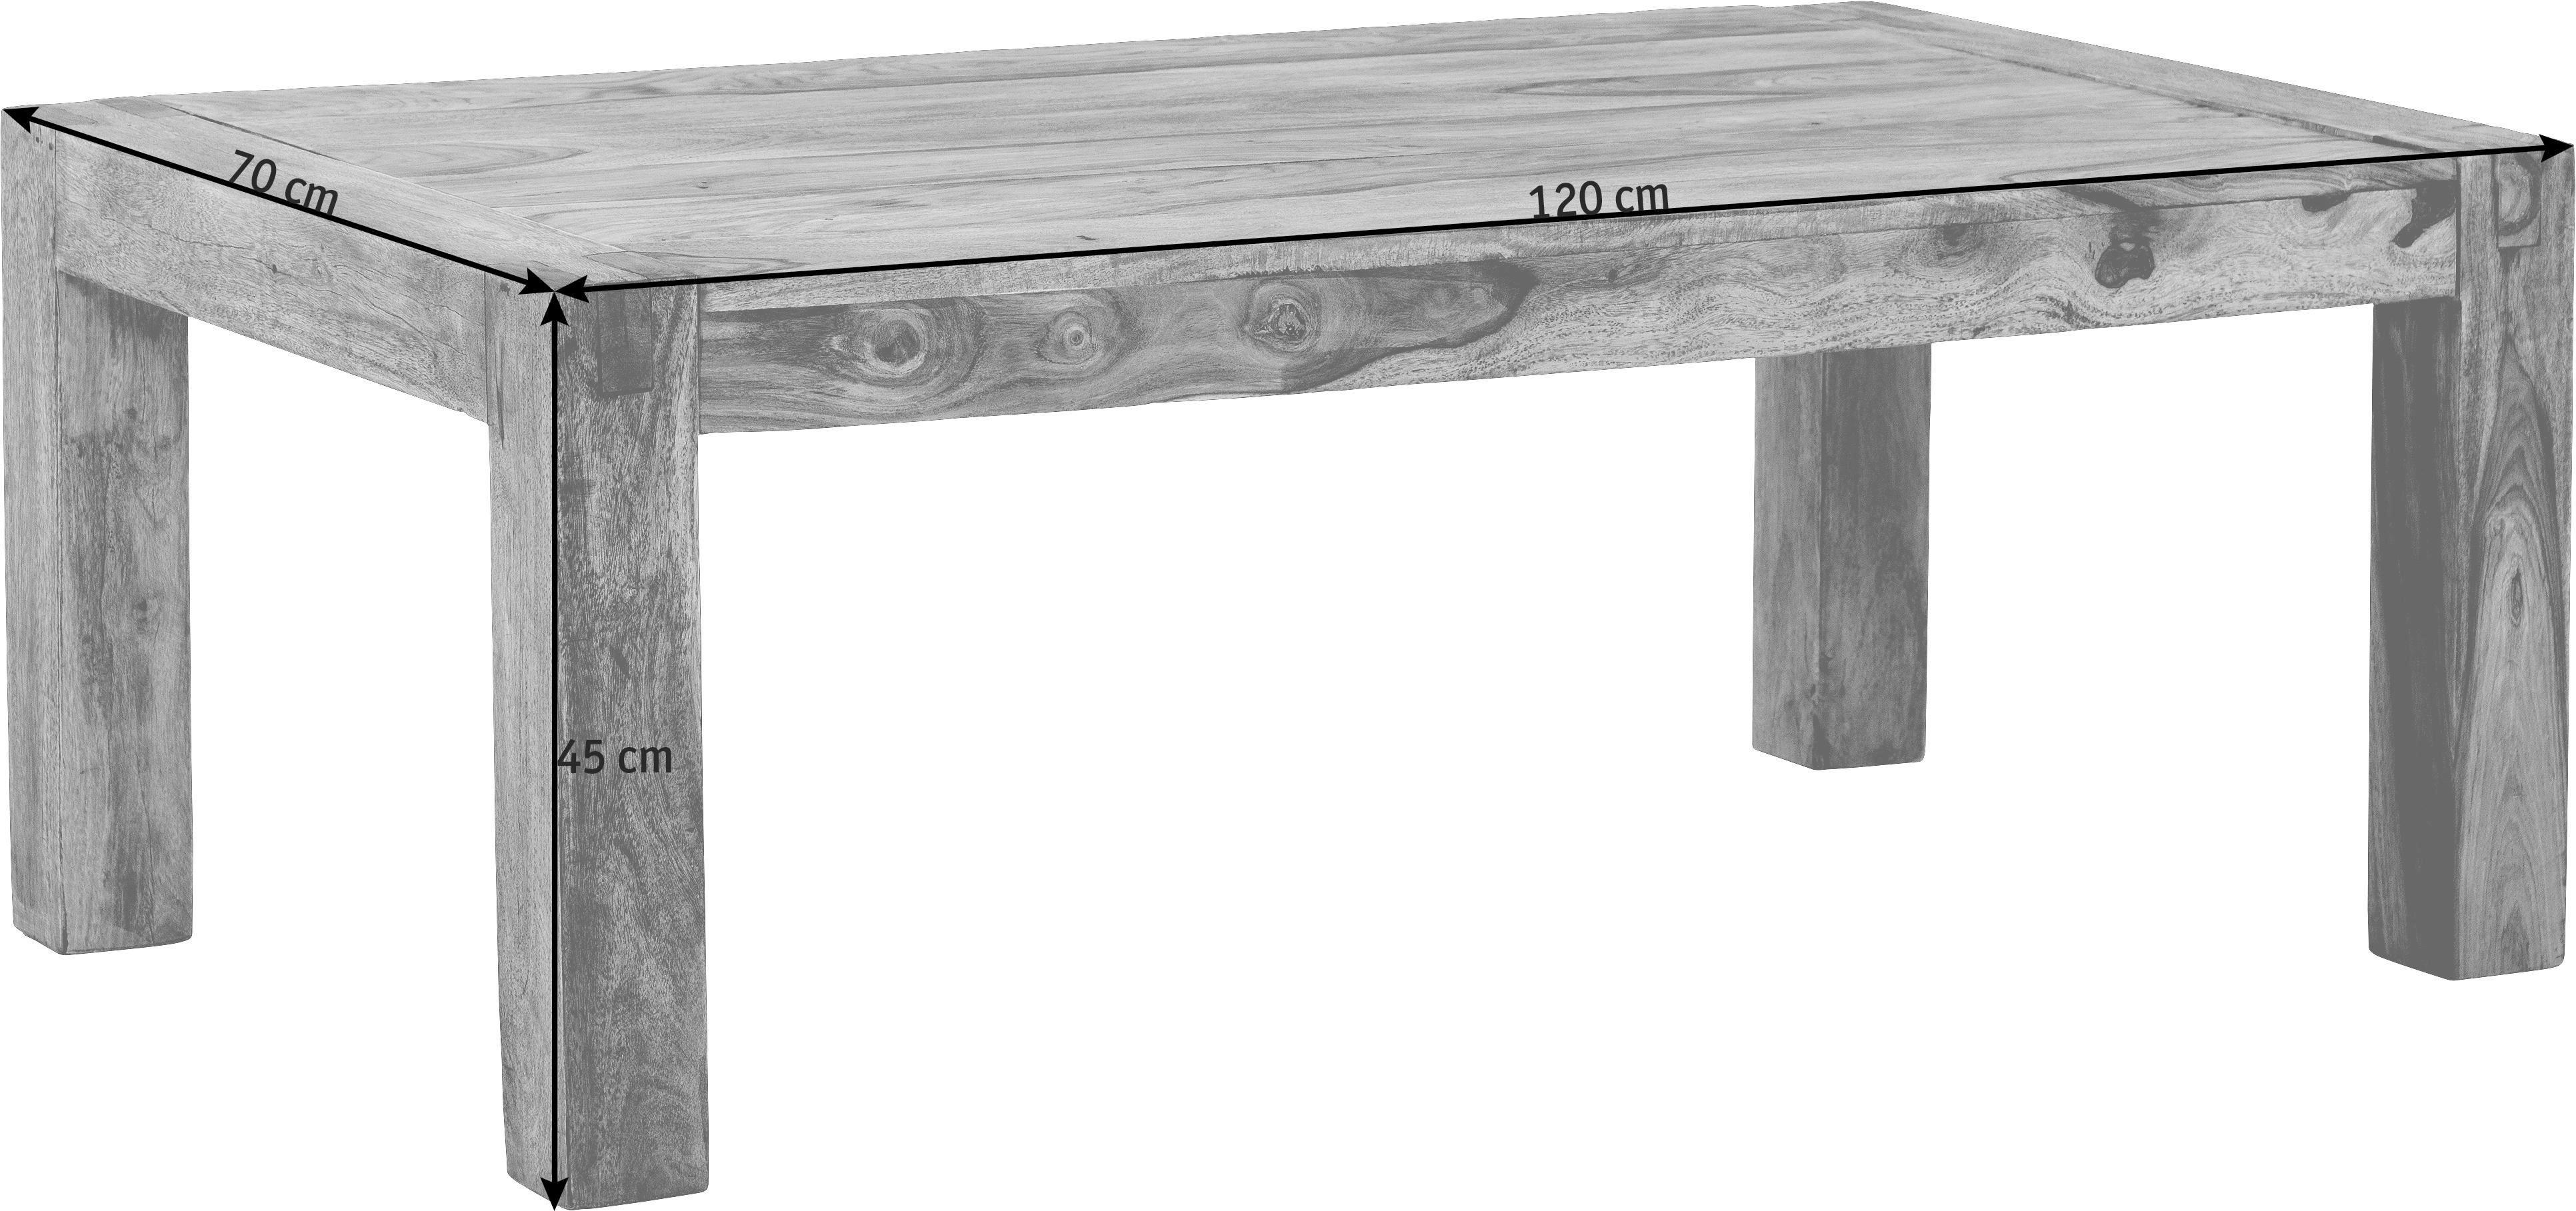 Eitelkeit Couchtisch Mit Steinplatte Referenz Von In Lifestyle Holz Cm With